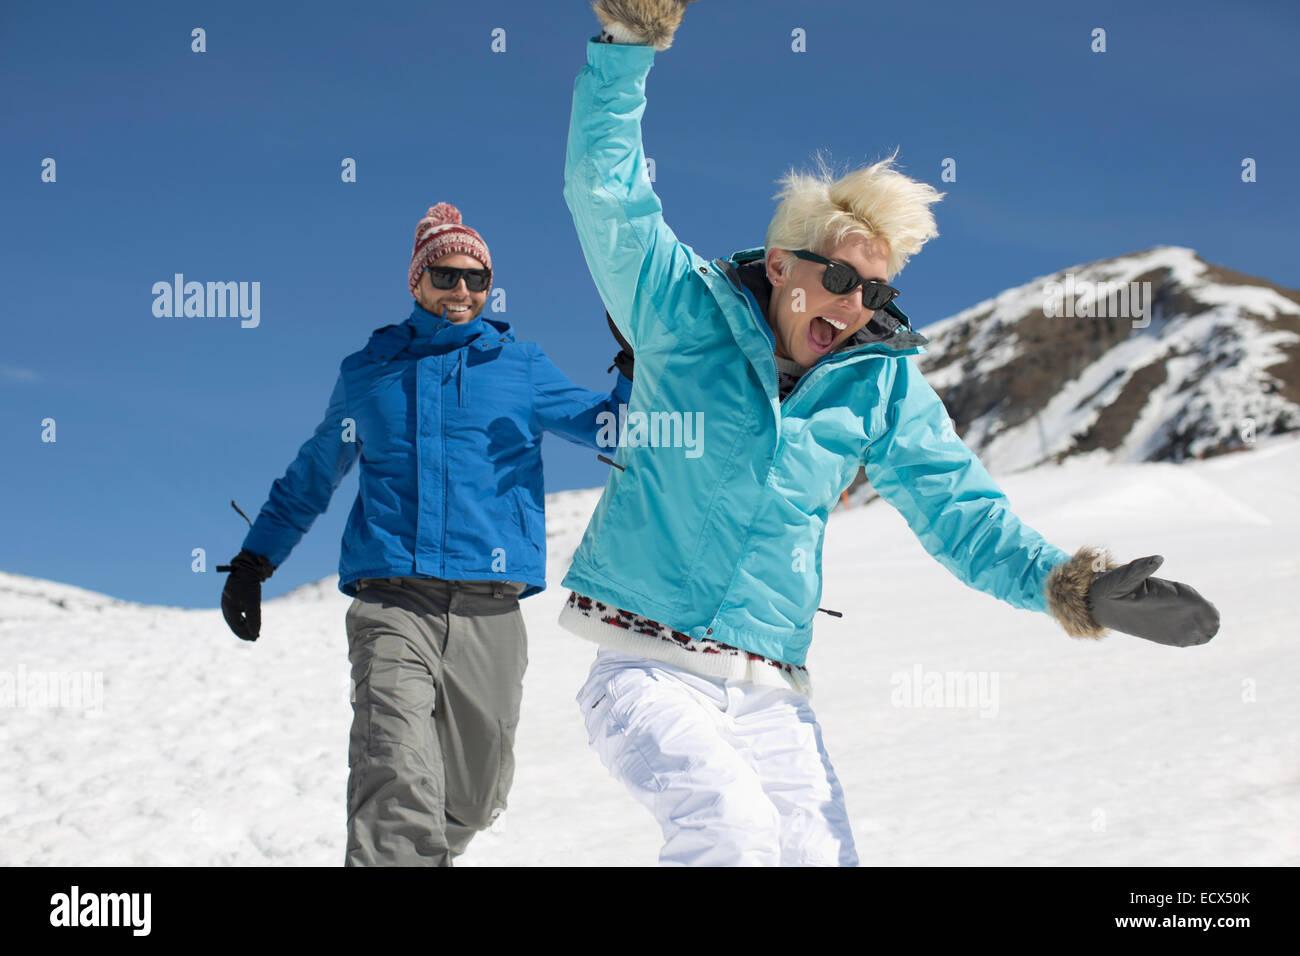 Coppia esuberante giocare nella neve Foto Stock